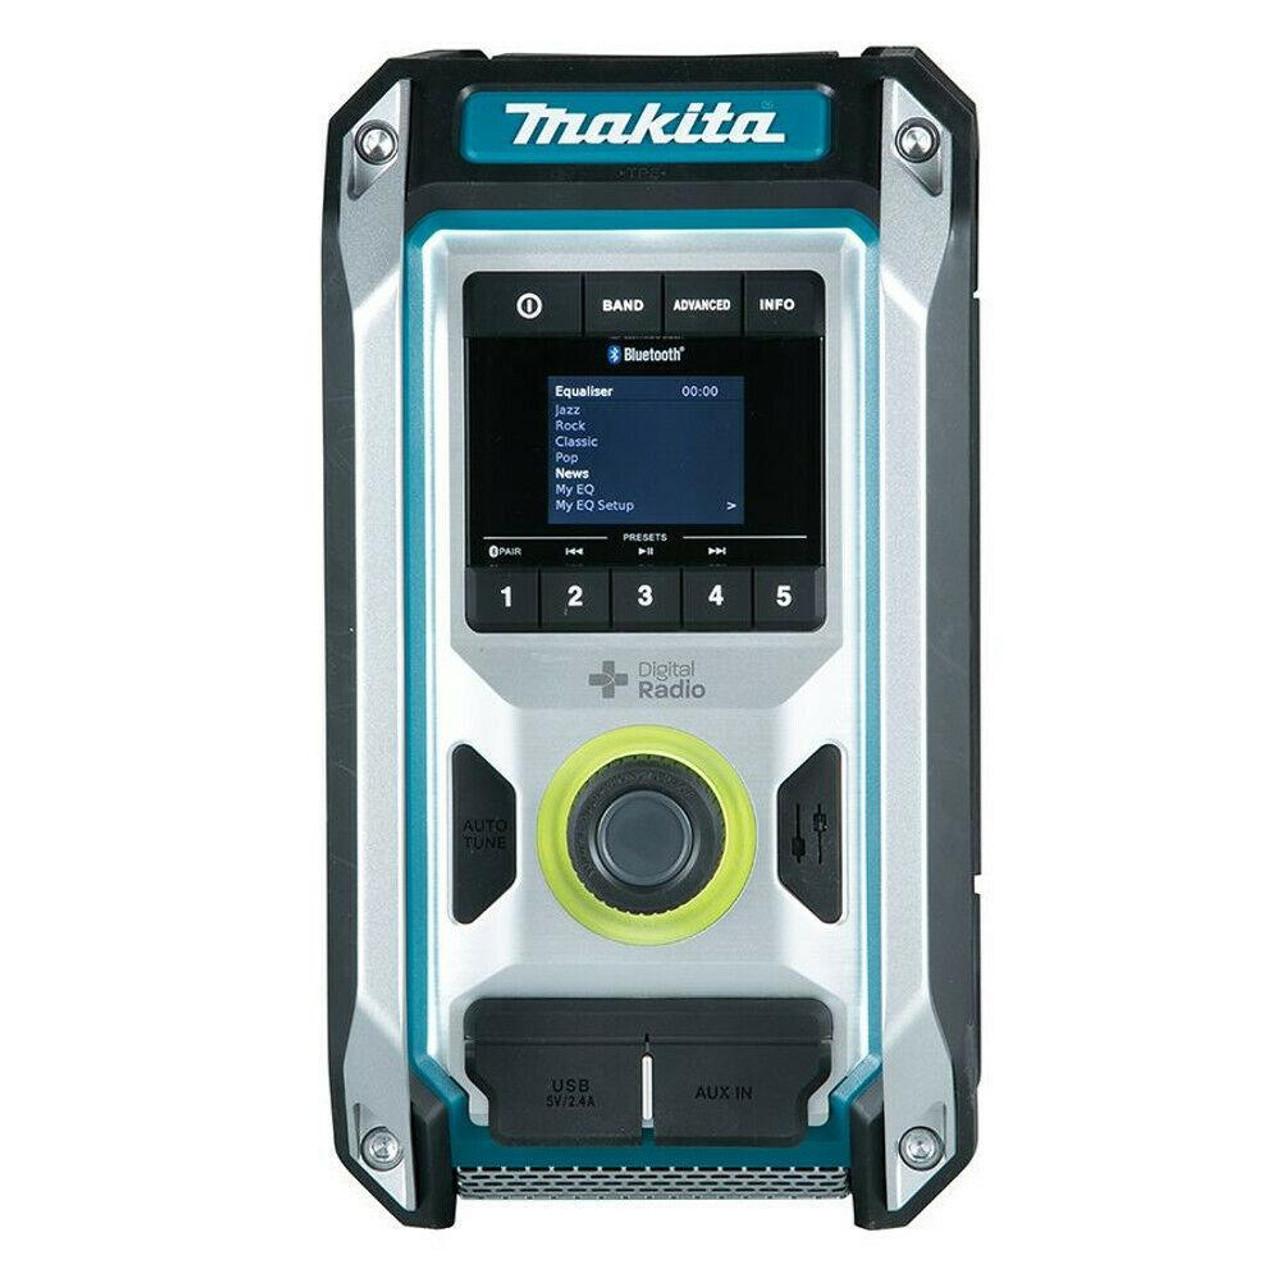 Makita Portable Compact Job Site Radio 12V MAX CXT Li-Ion Cordless MP3 Bare